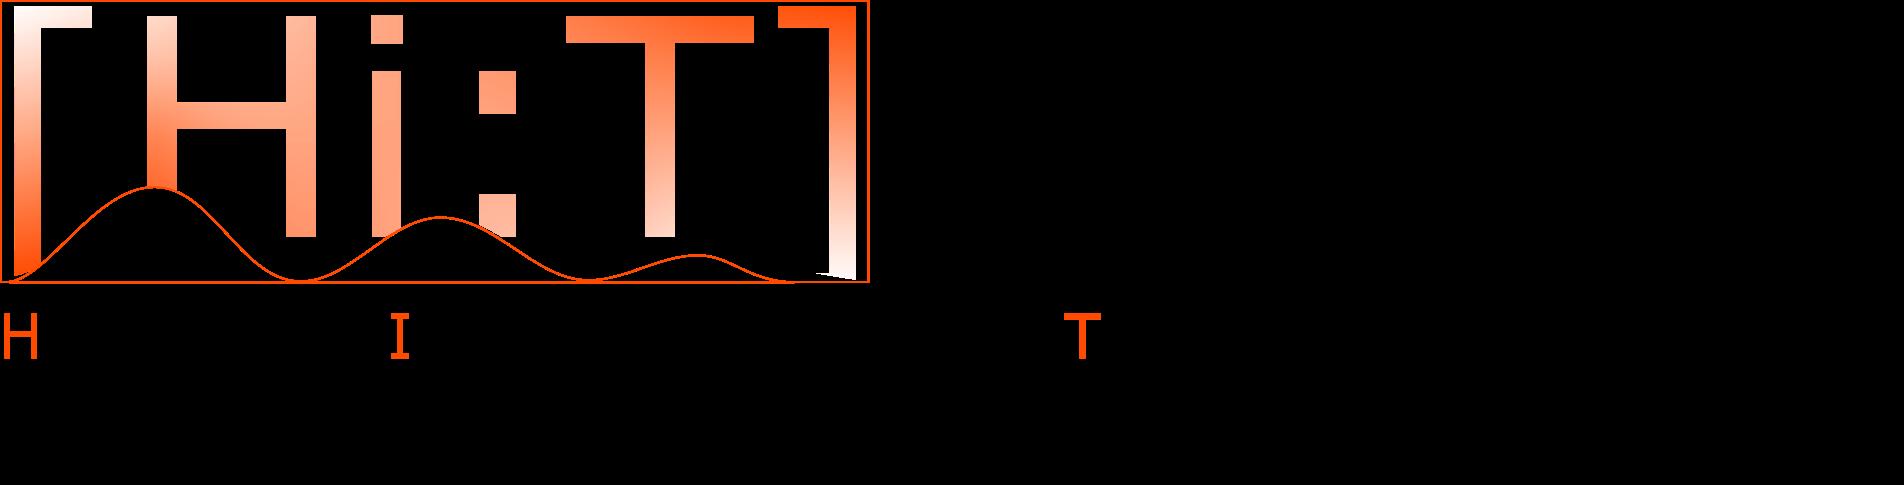 [Hi:T] .: Hottenroth - Ingenieurberatung für Technologie